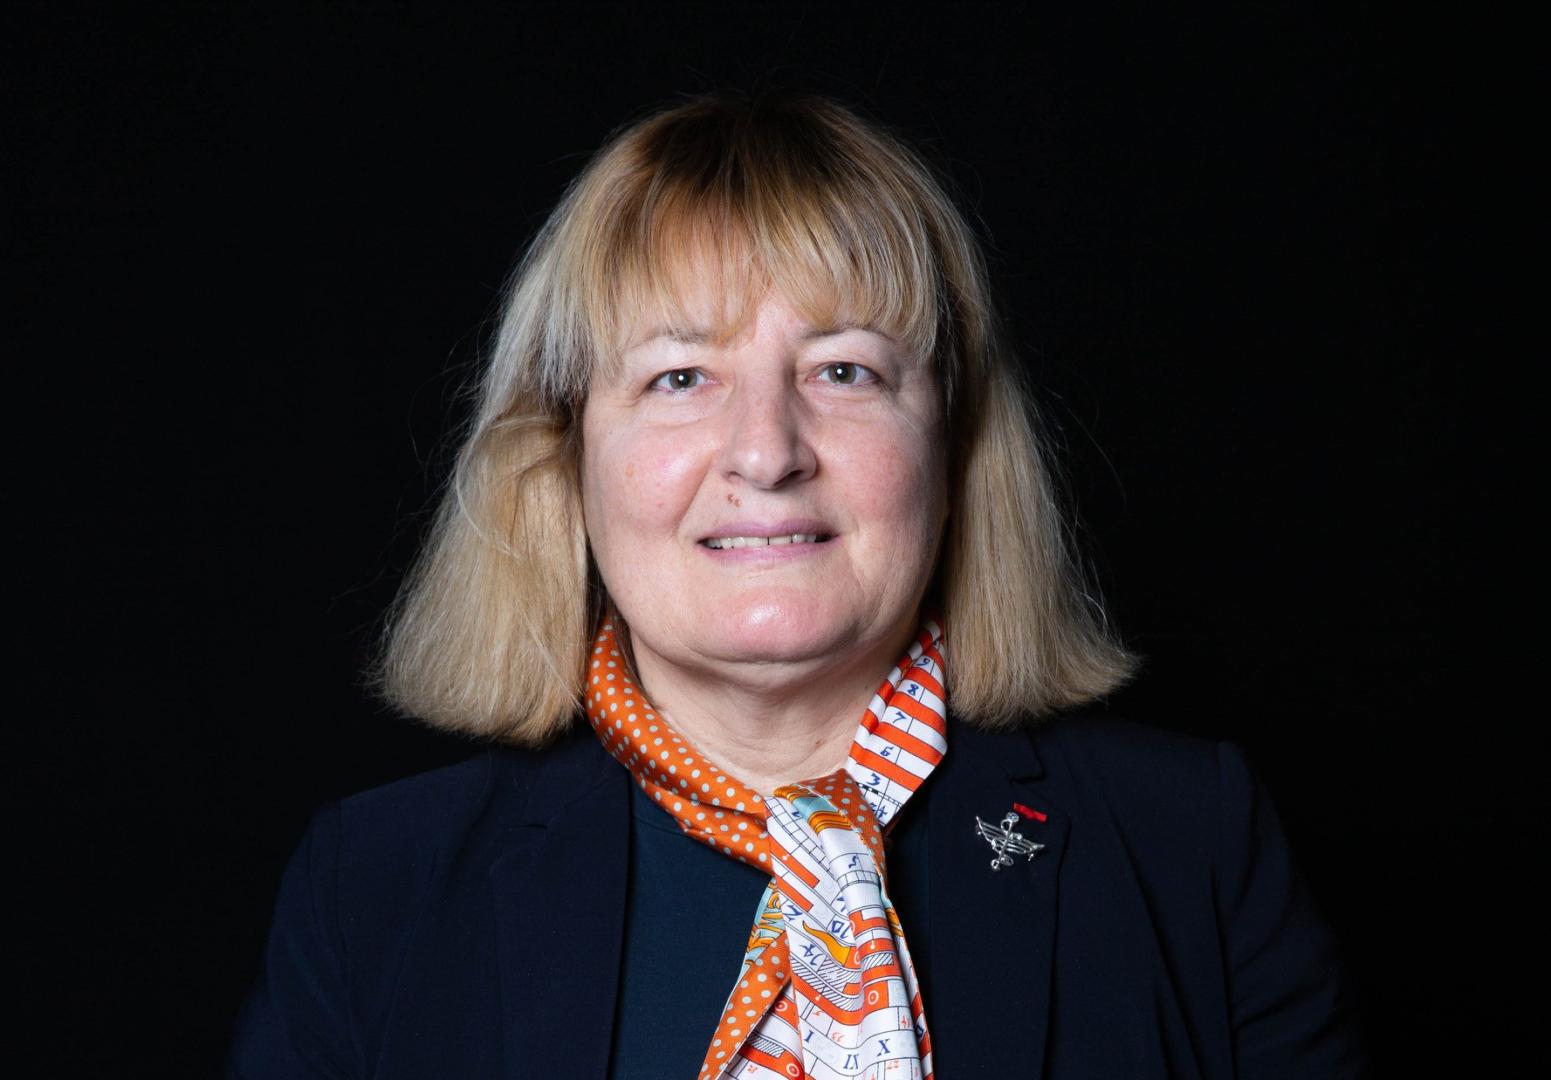 «Nos craintes portent sur la fiabilité du nouveau DPE », Interview de Danielle Dubrac présidente de l'UNIS.